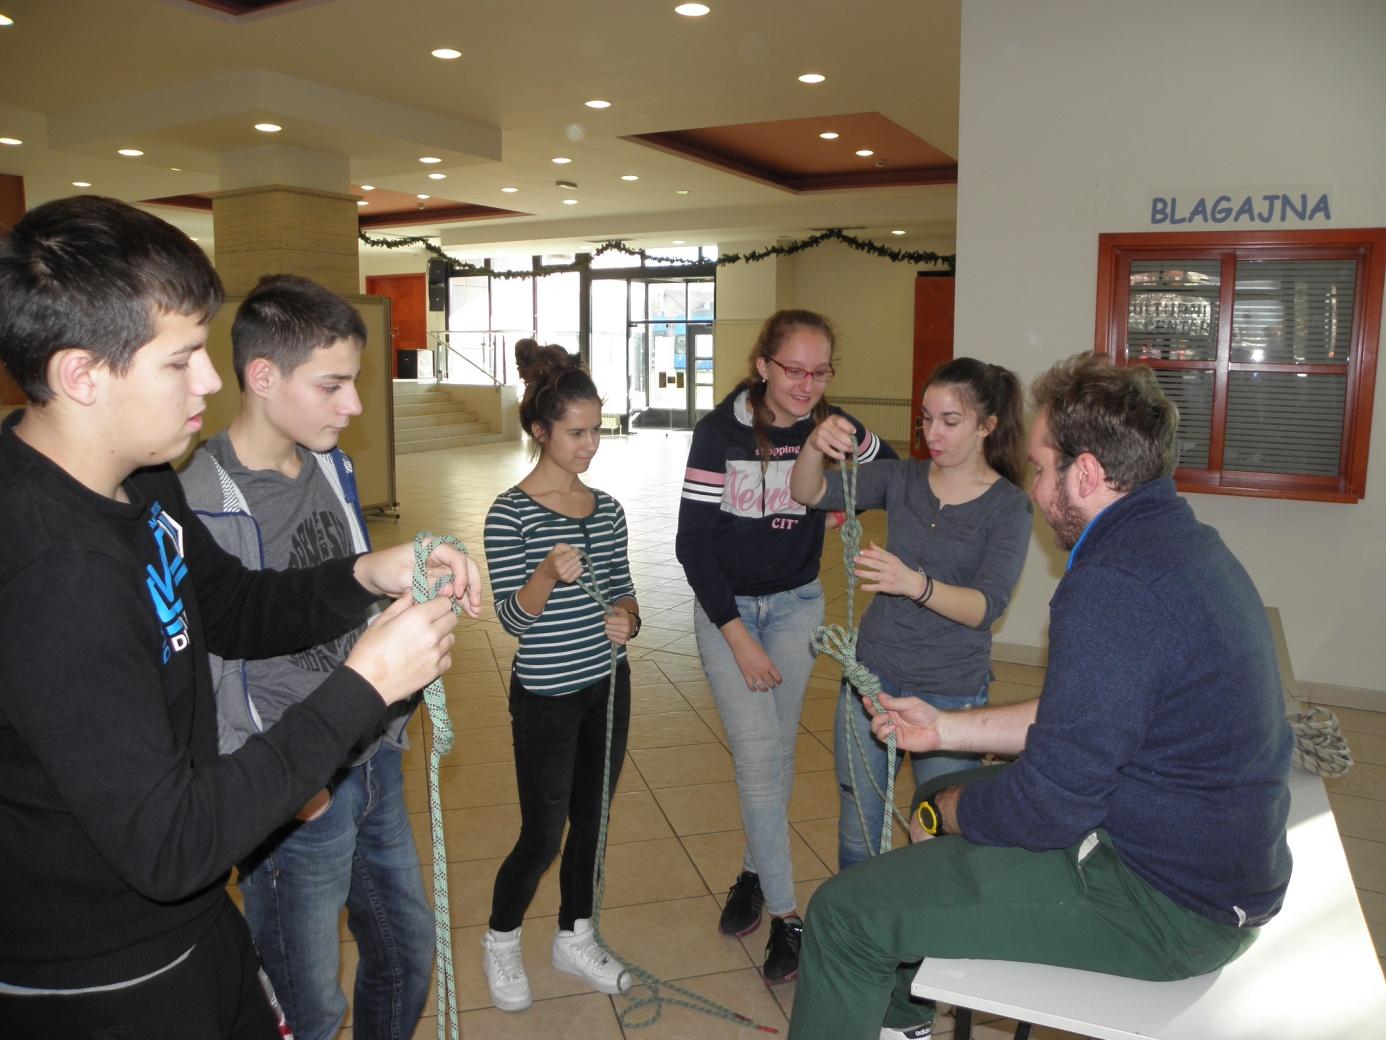 Vježbanje čvorova (foto: Smiljana Baran)